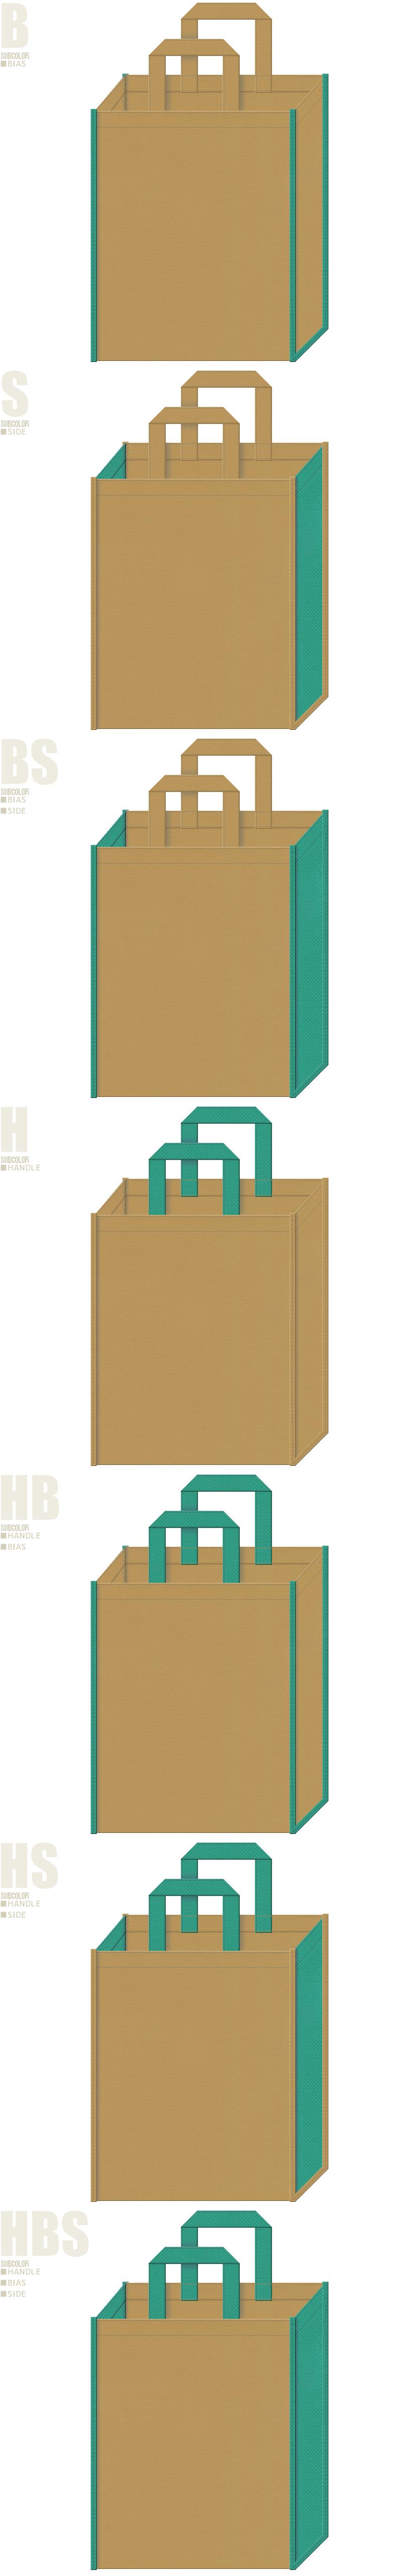 農業・肥料・種苗・園芸用品・DIYの展示会用バッグにお奨めの不織布バッグデザイン:金黄土色と青緑色配色7パターン